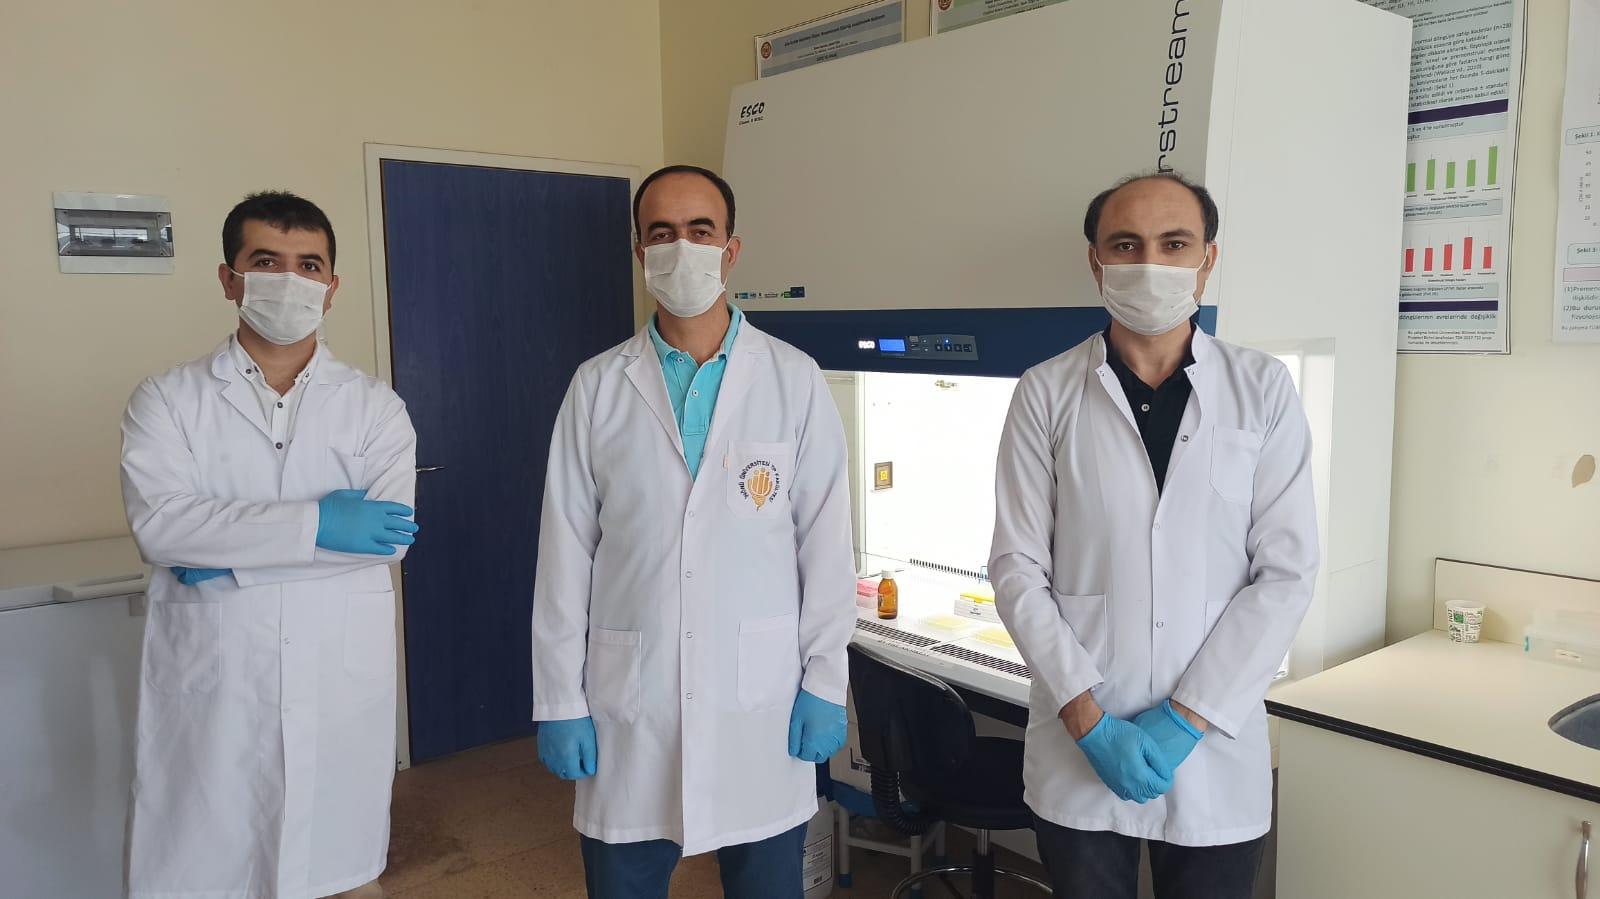 Elisa testi ile hem korona virüs hem de antikorun oranı tespit edilebilecek